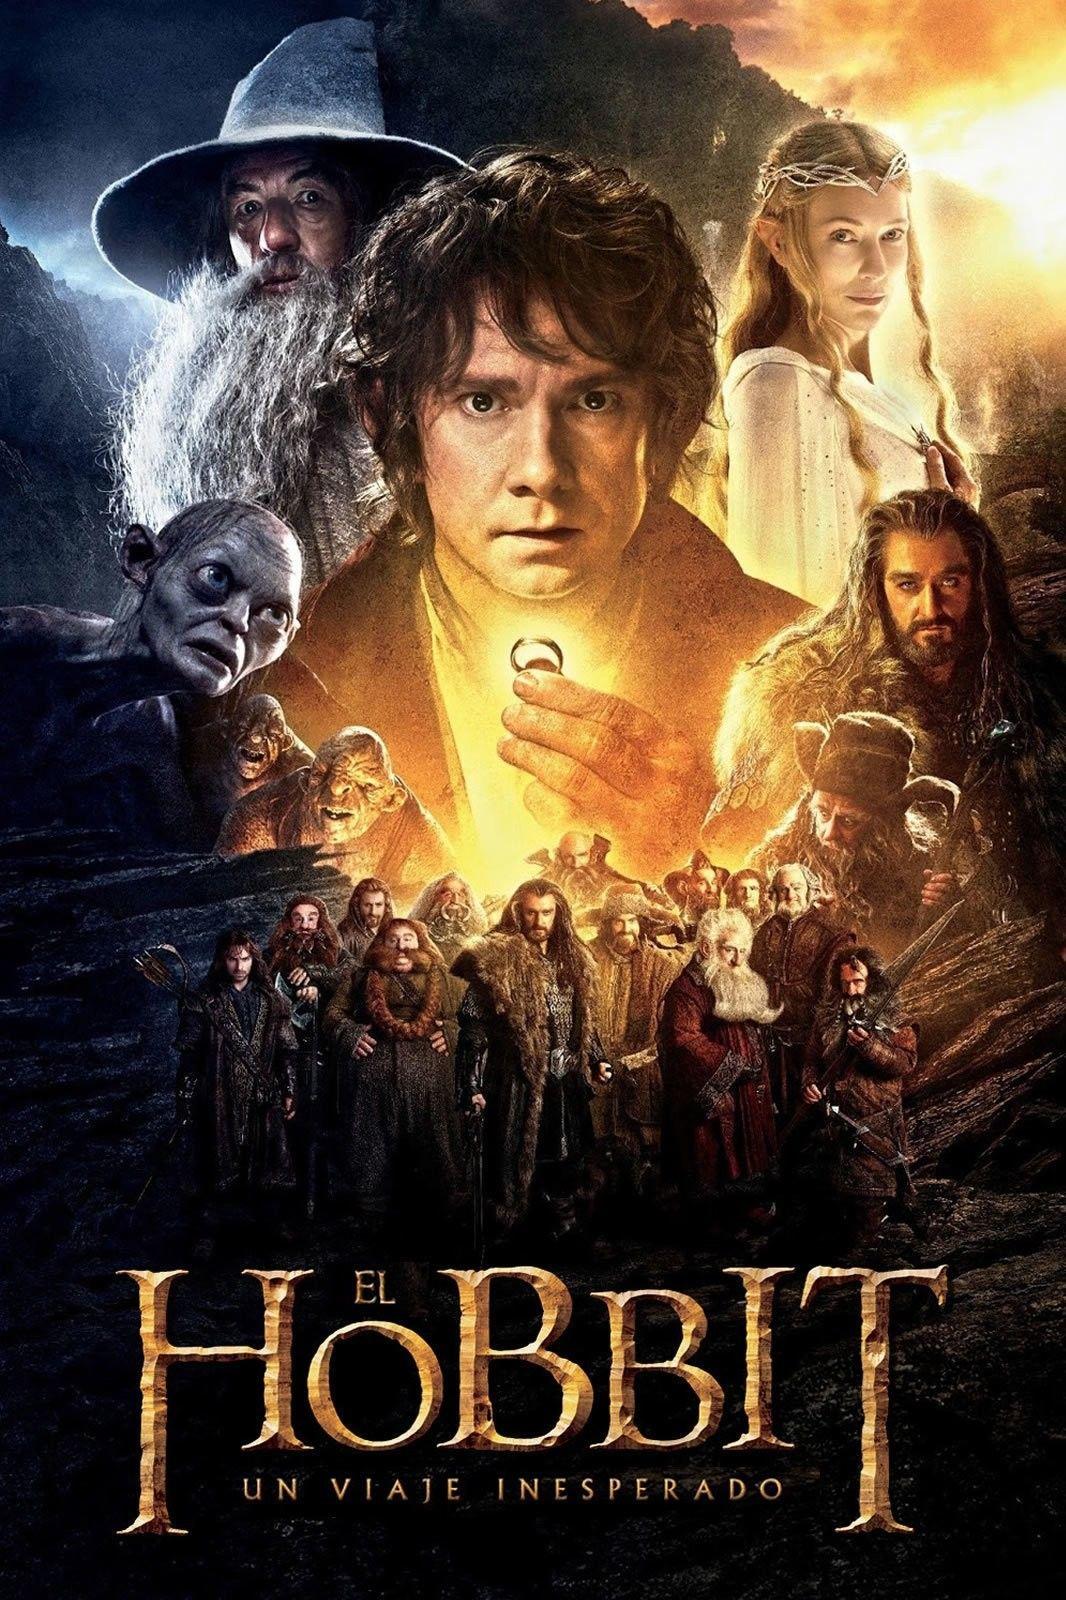 Ver El Hobbit Un Viaje Inesperado Online Gratis 2012 Hd Pelicula Completa Espanol Hobbit An Unexpected Journey Hobbit Poster The Hobbit Movies